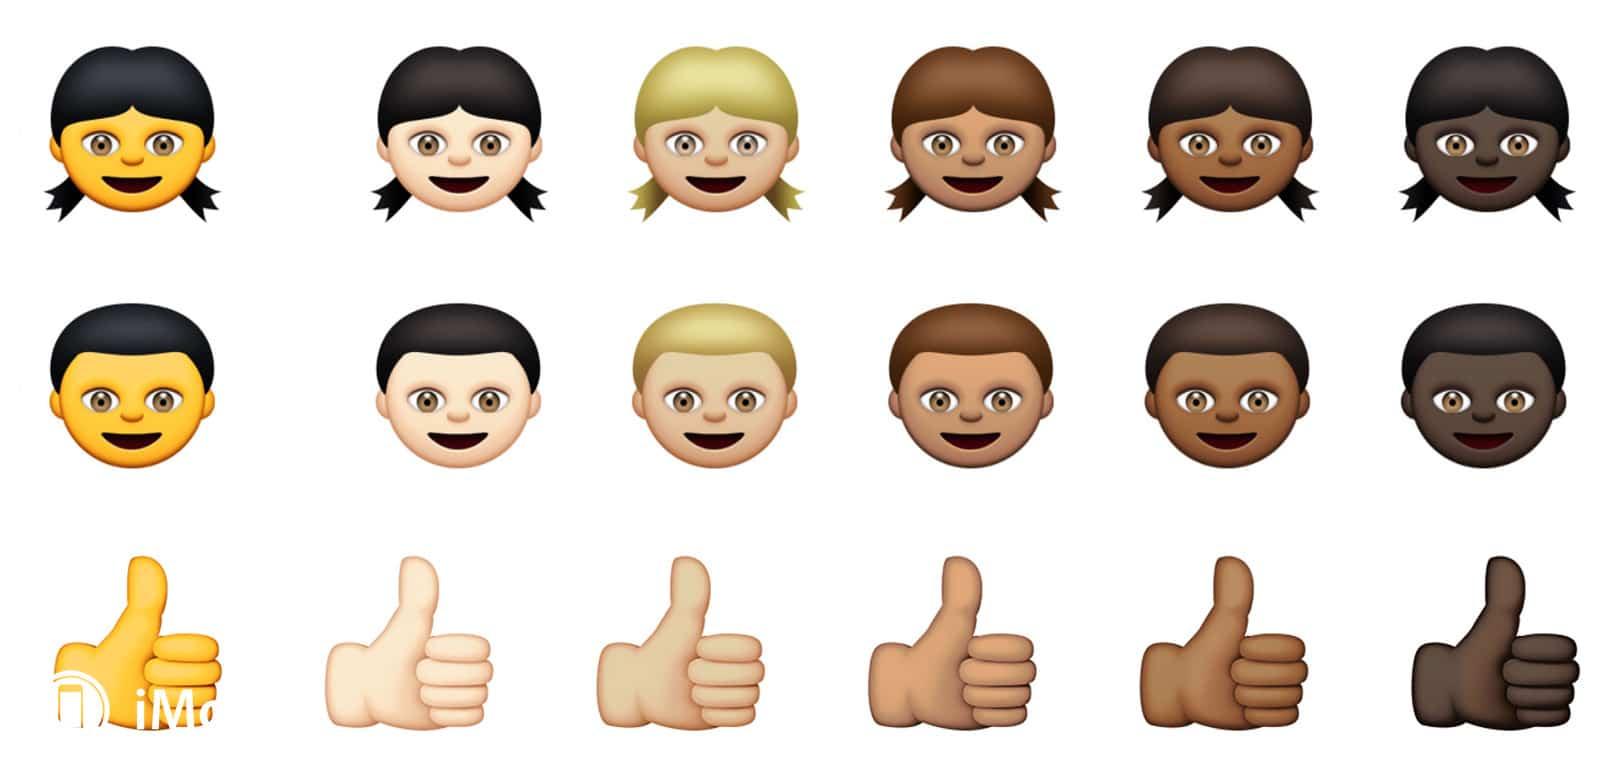 iOS 8.3 incluye 300 nuevos emoticones con una gran diversidad social y racial.